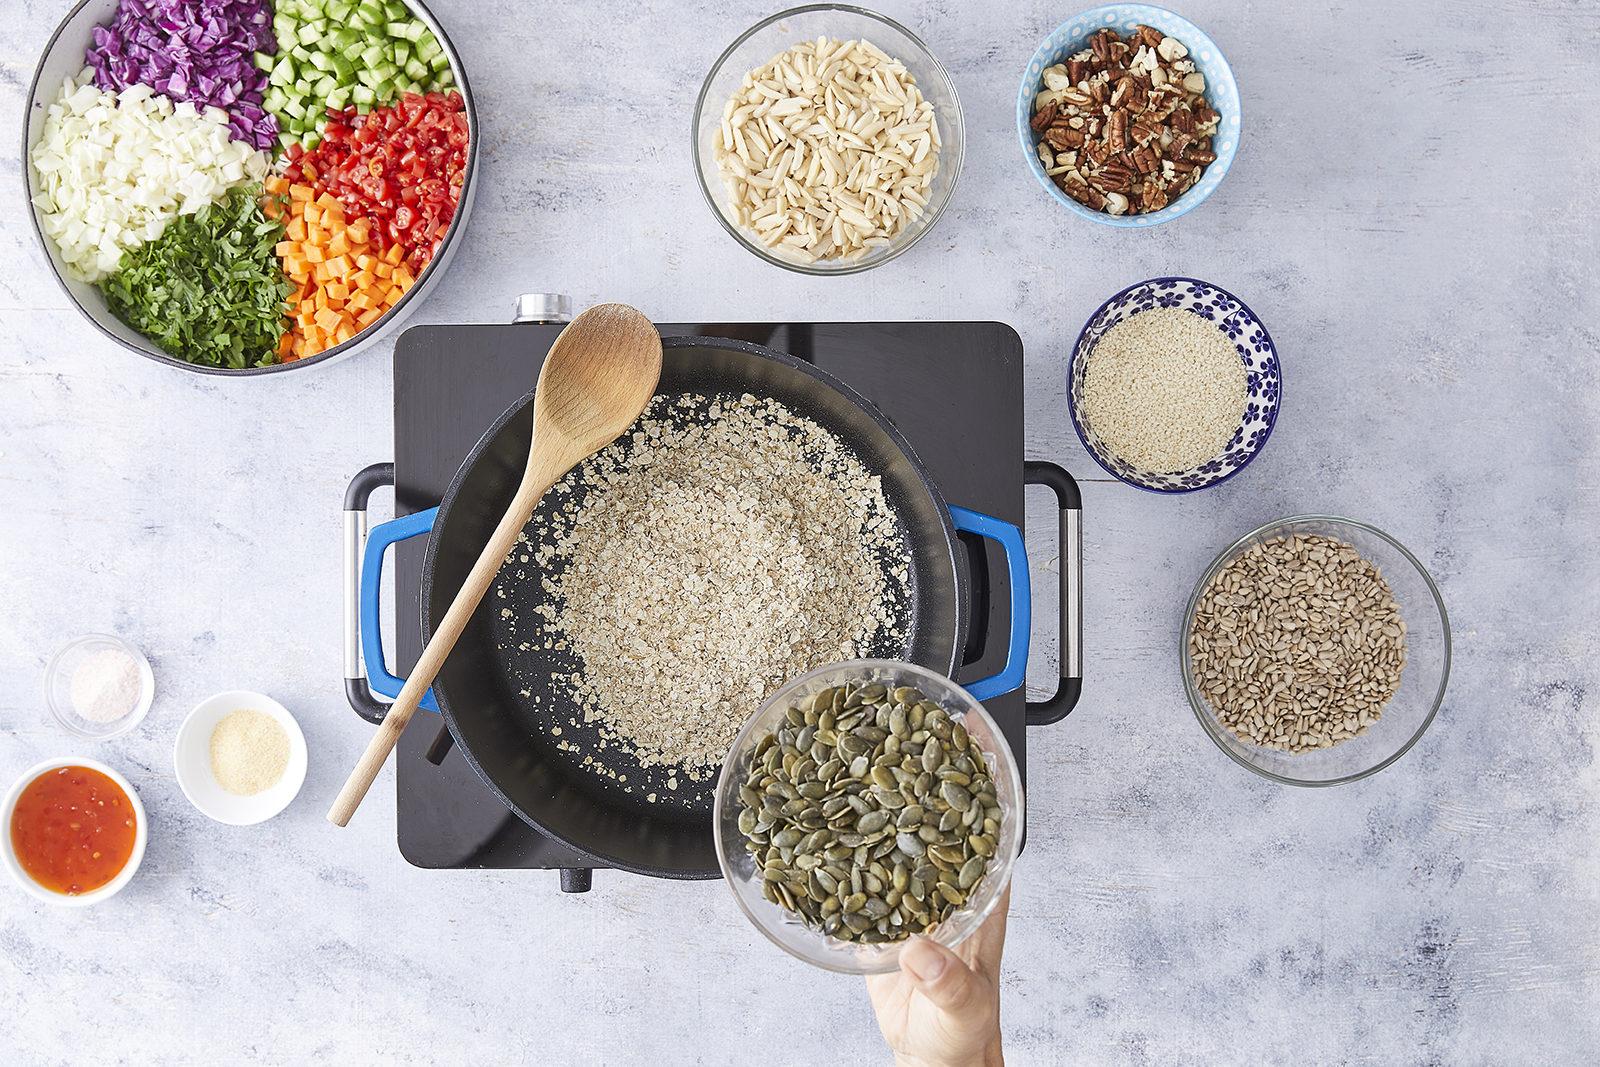 שלב שני - סלט ירקות עם גרנולה מלוחה מושלמת של קרוטית